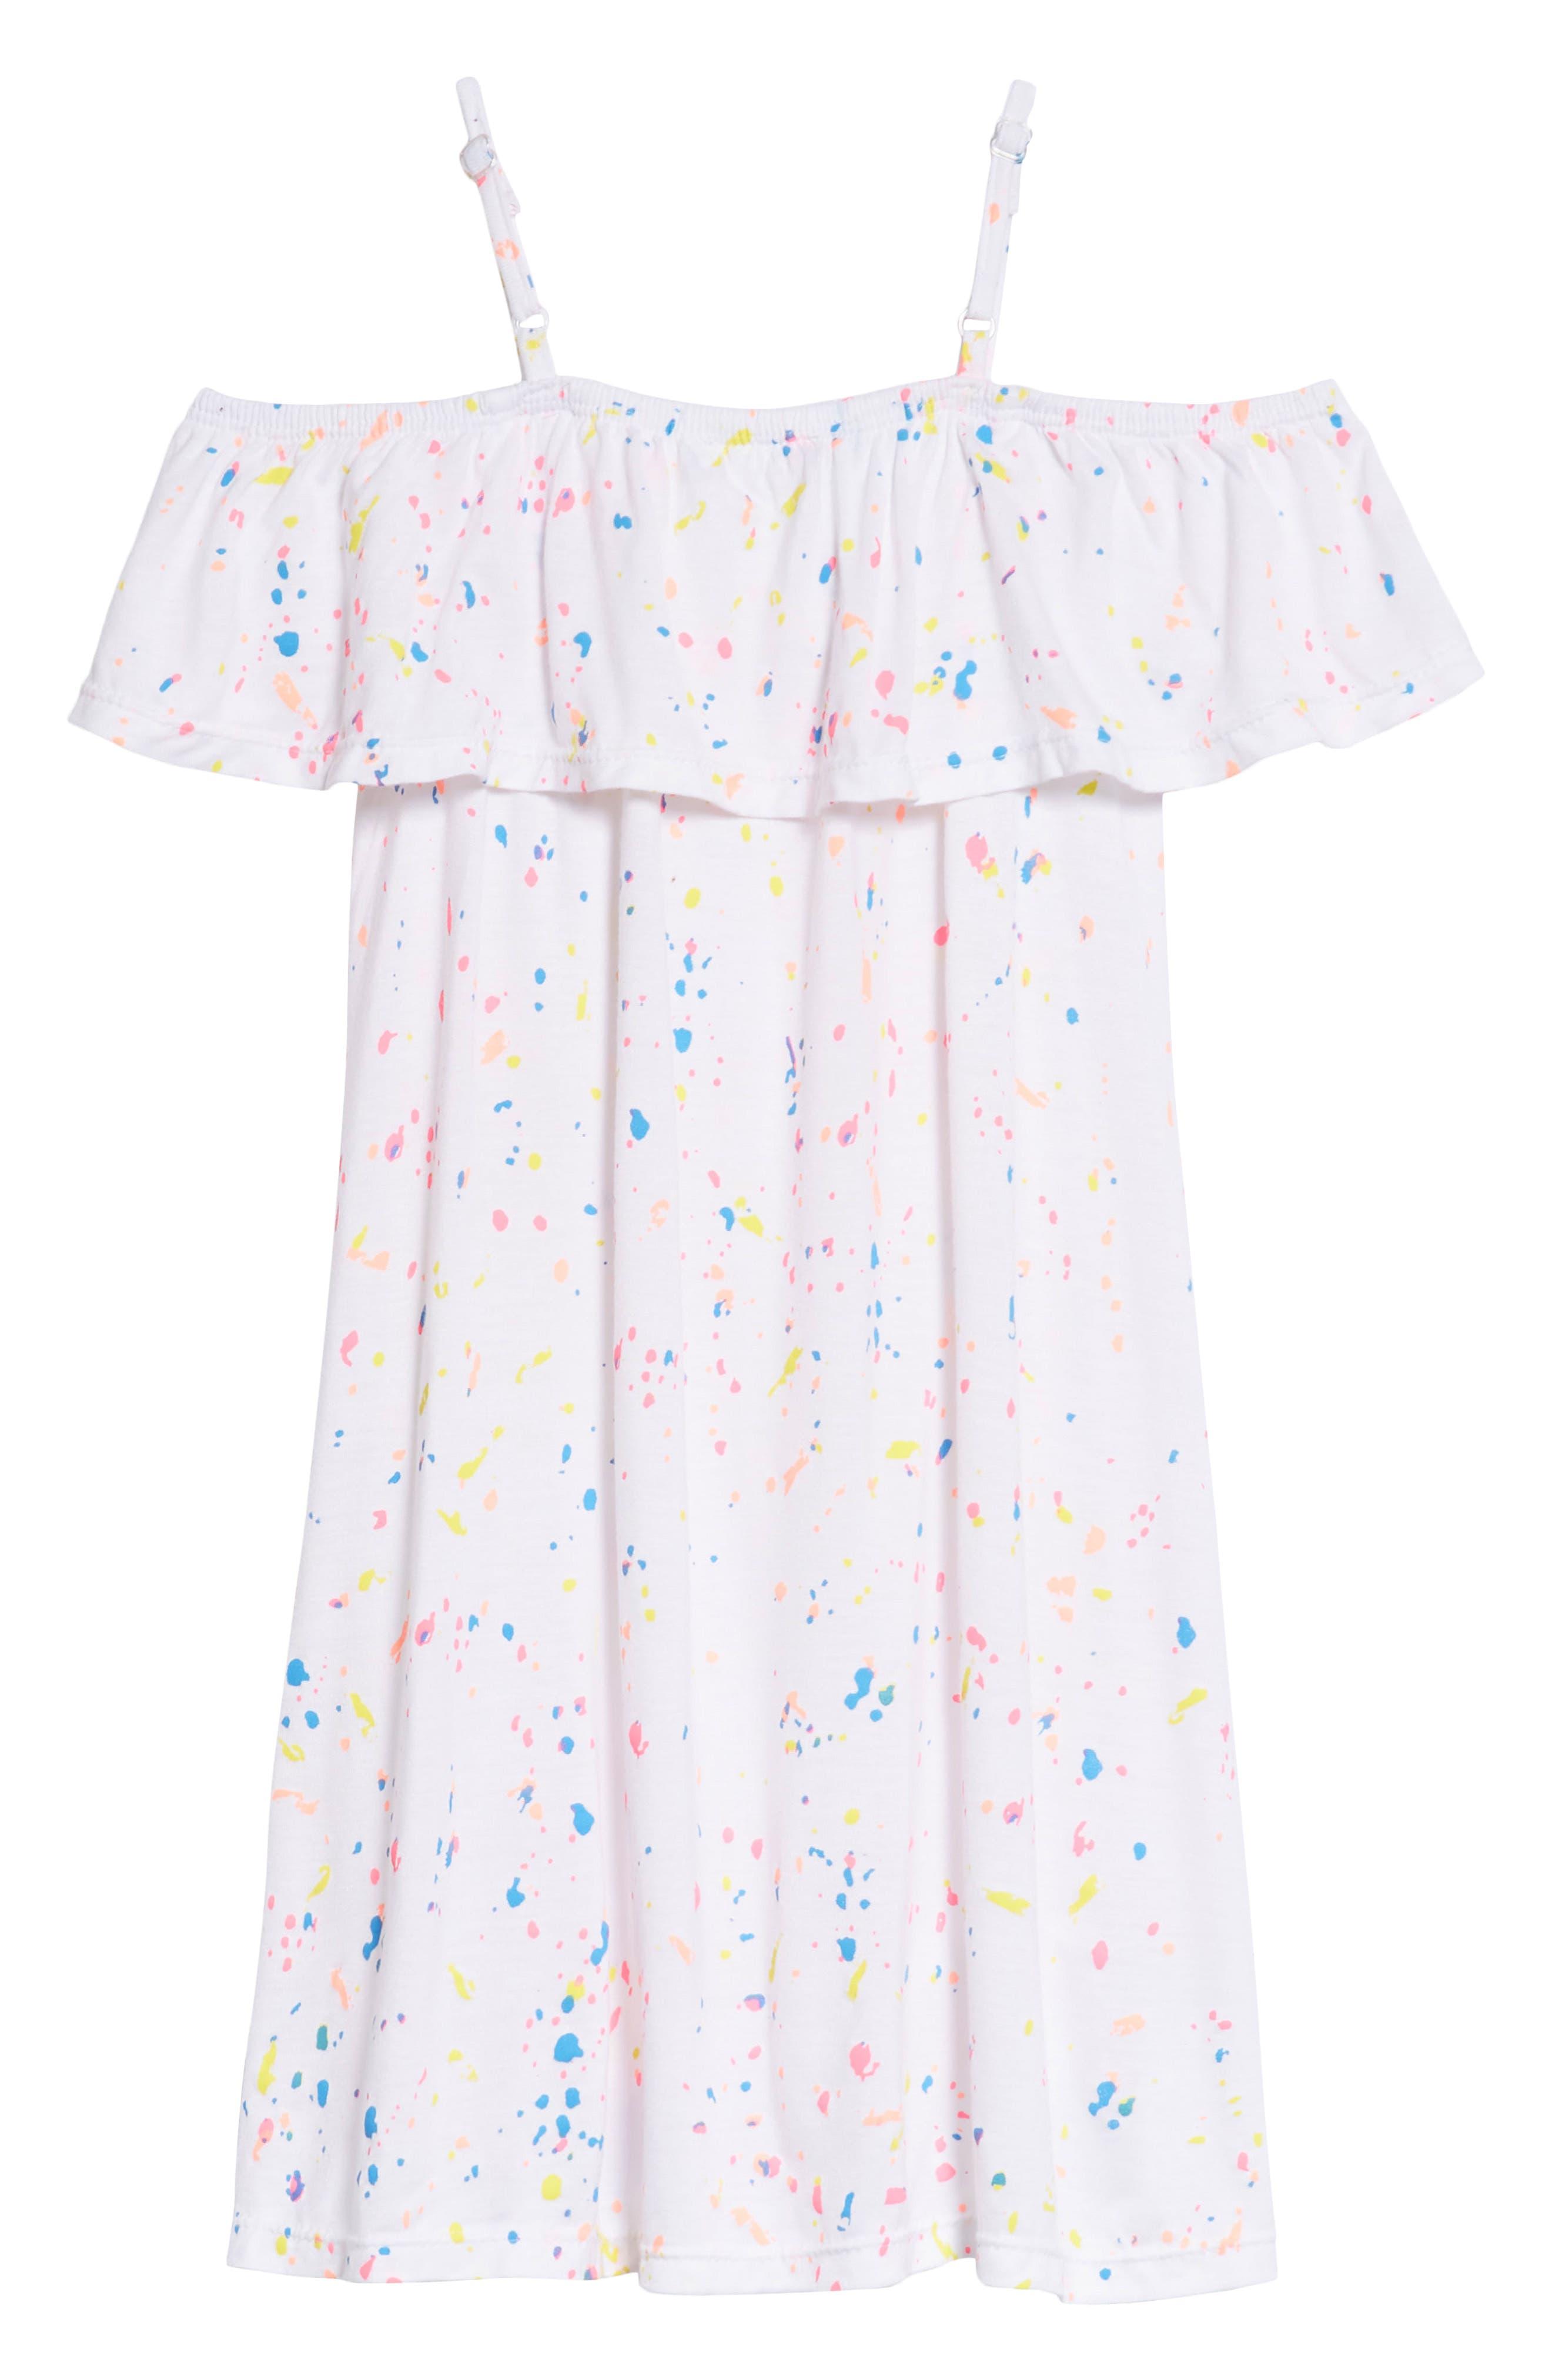 Splatter Dress,                             Alternate thumbnail 2, color,                             100